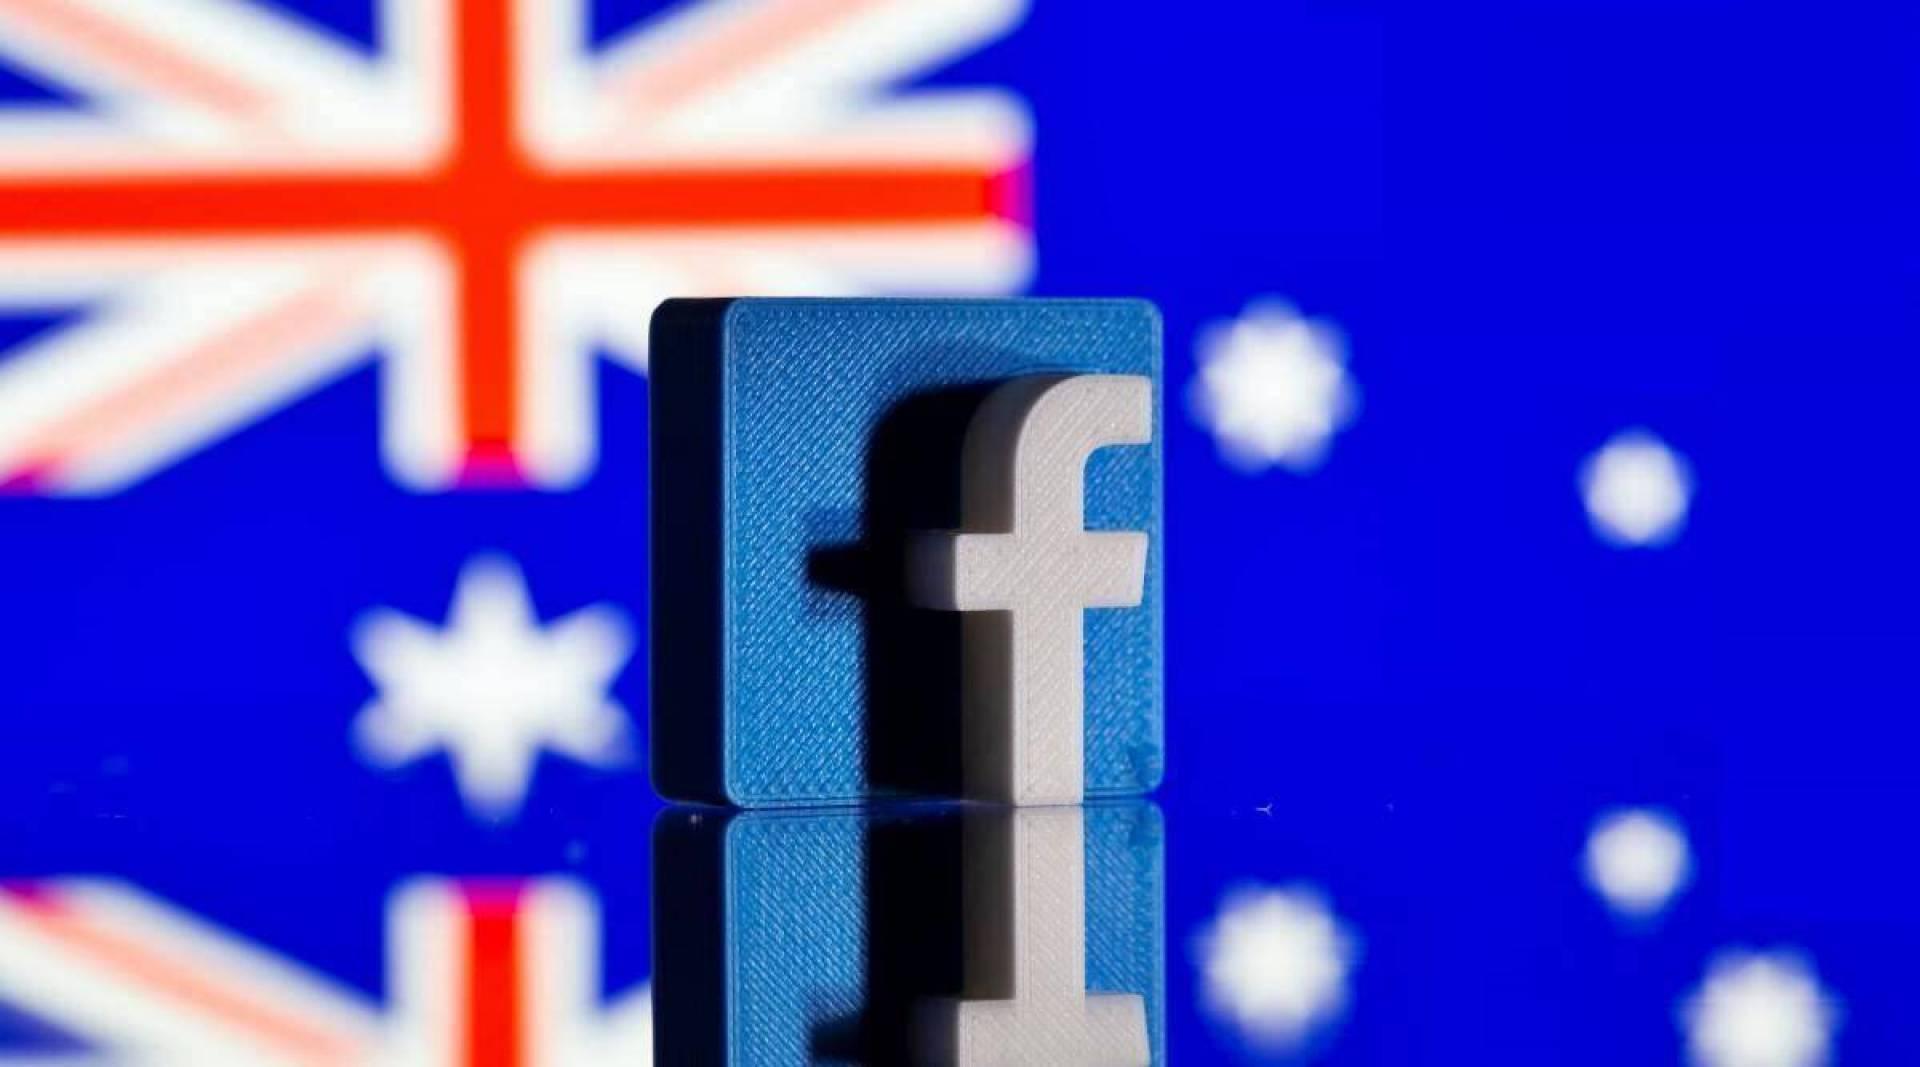 «فيسبوك» يعيد صفحات الأخبار للمستخدمين في أستراليا خلال أيام